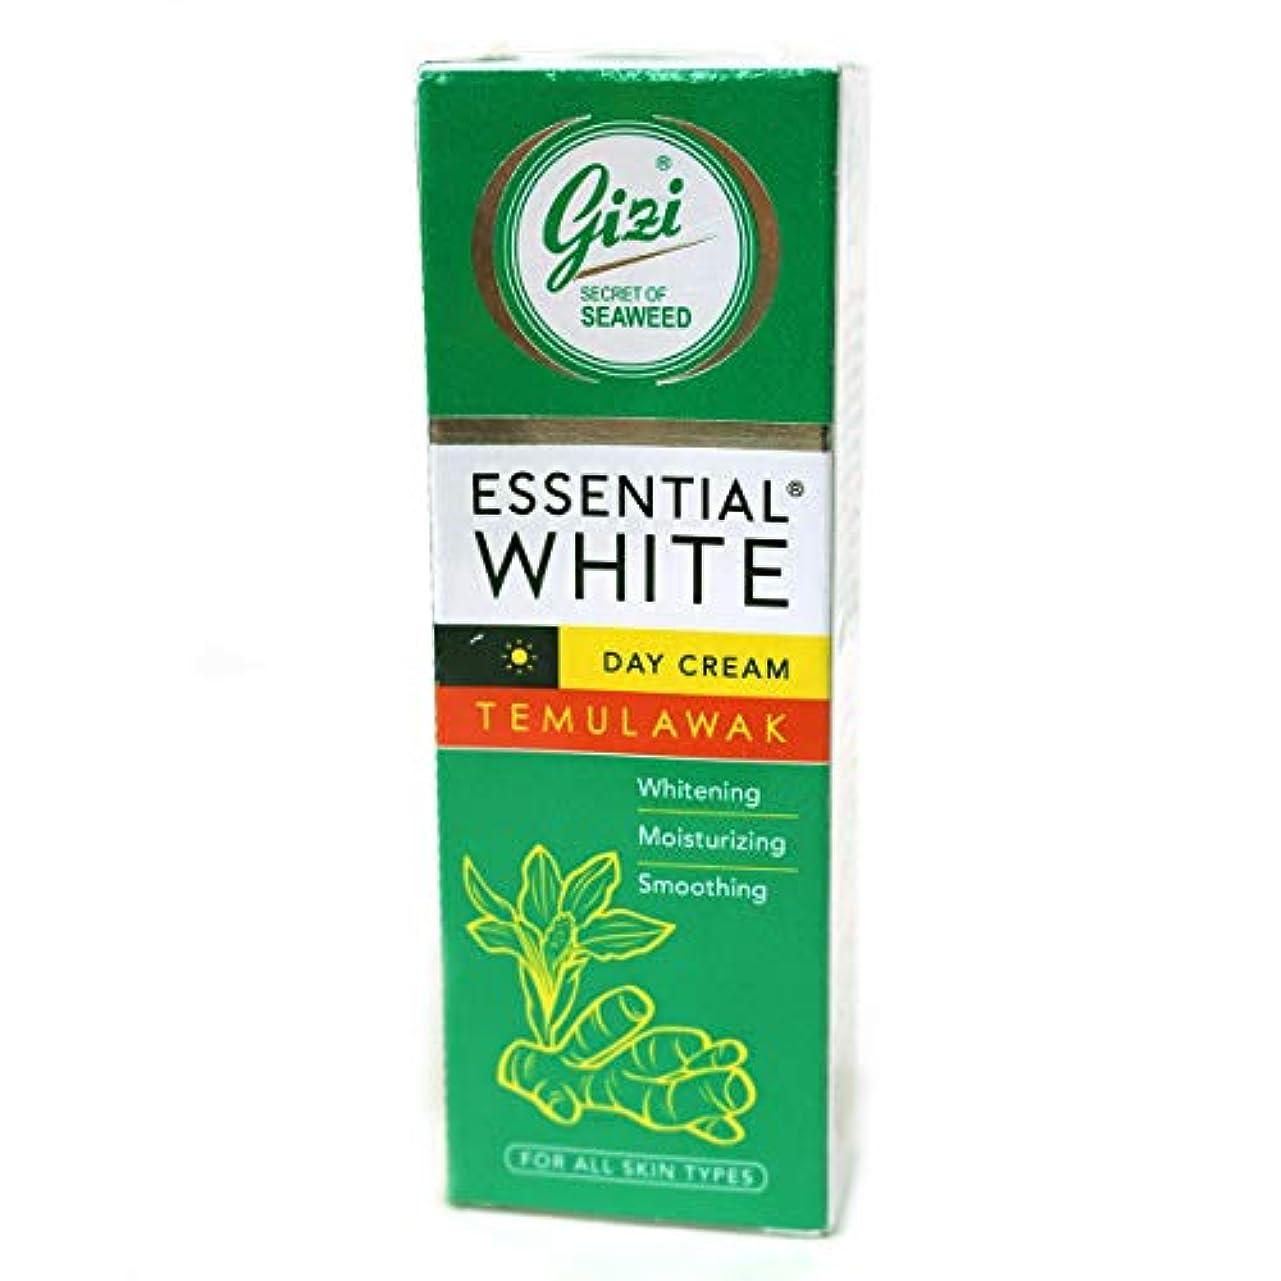 貫入月背景ギジ gizi Essential White 日中用スキンケアクリーム チューブタイプ 18g テムラワク ウコン など天然成分配合 [海外直送品]